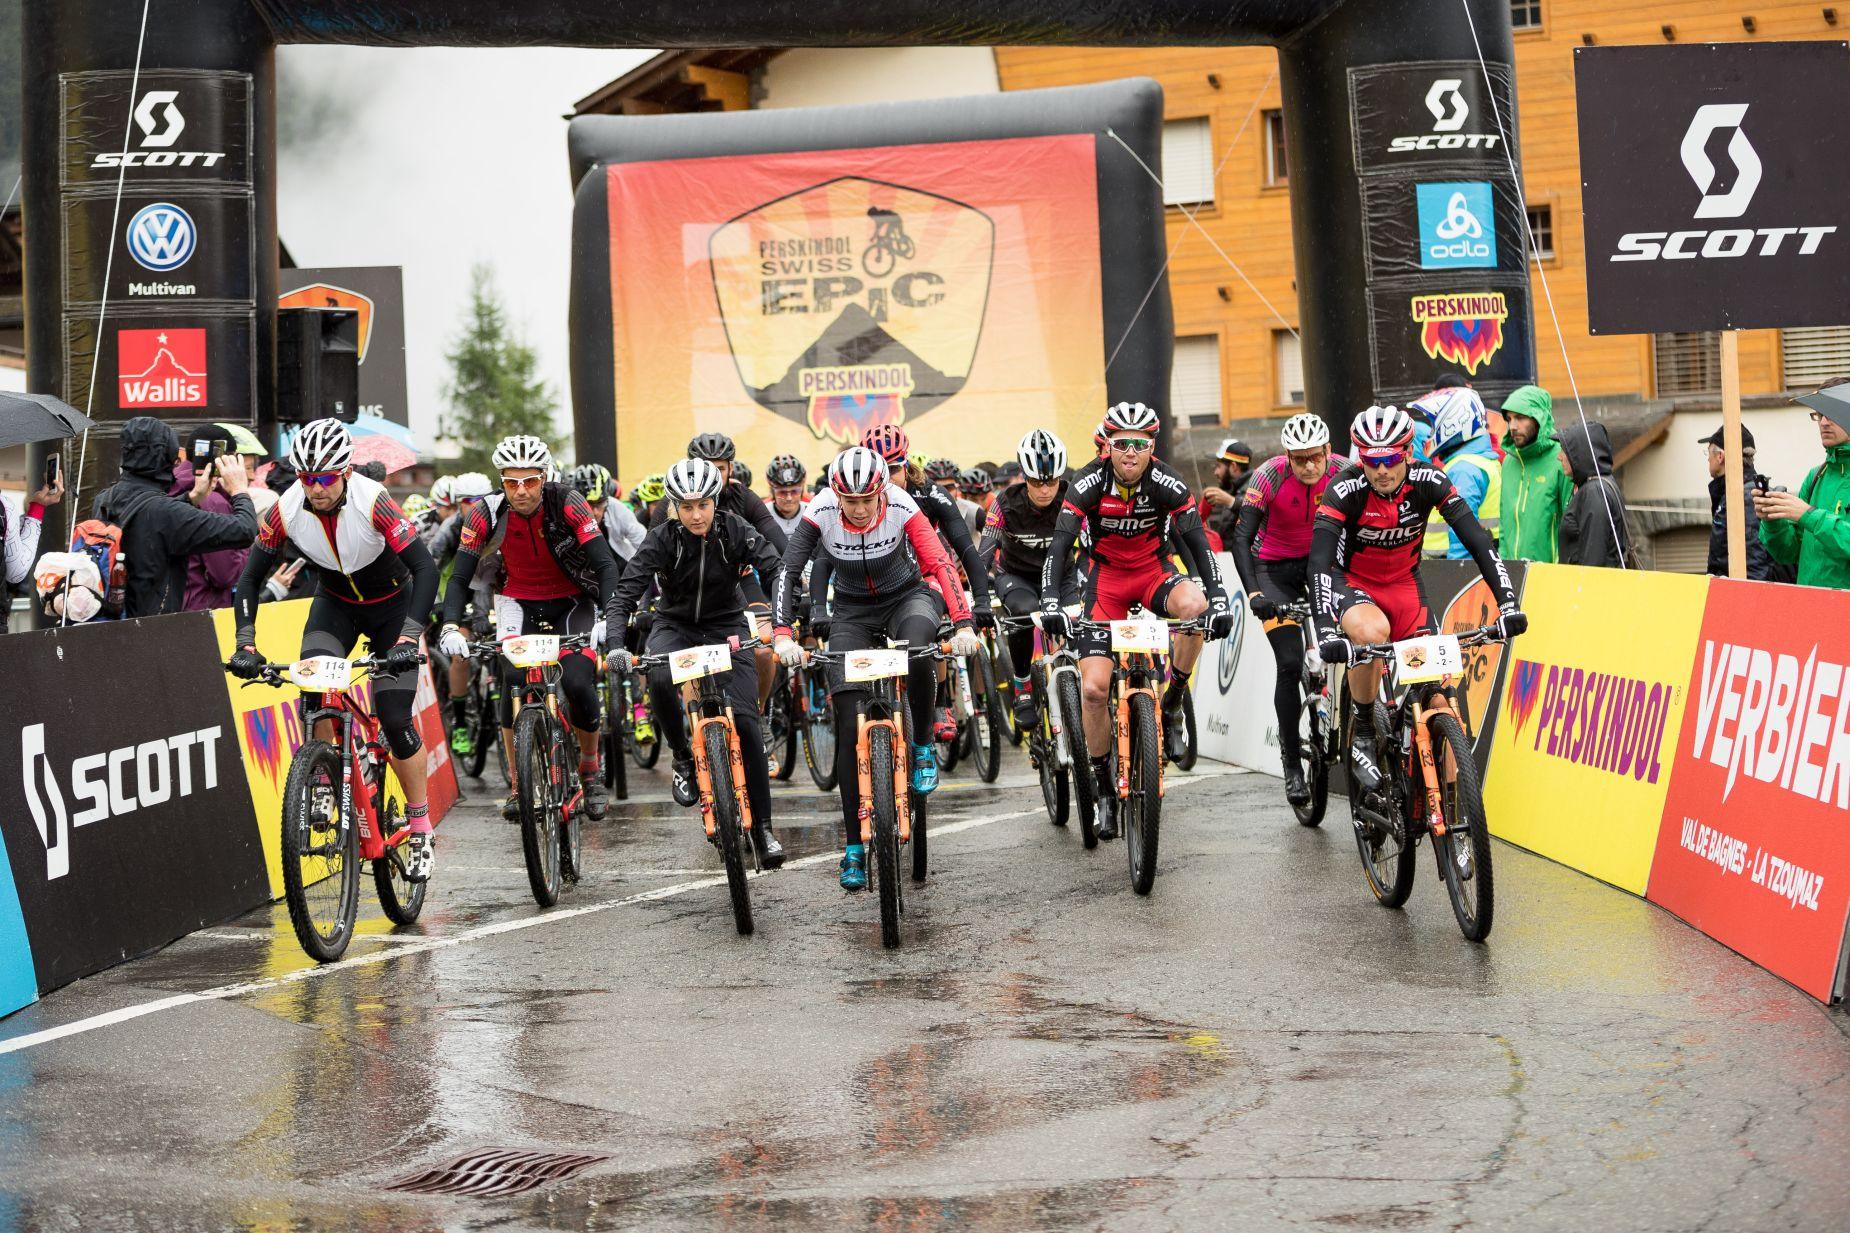 Así se salía el último día. Frío y lluvia para despedir la carrera.